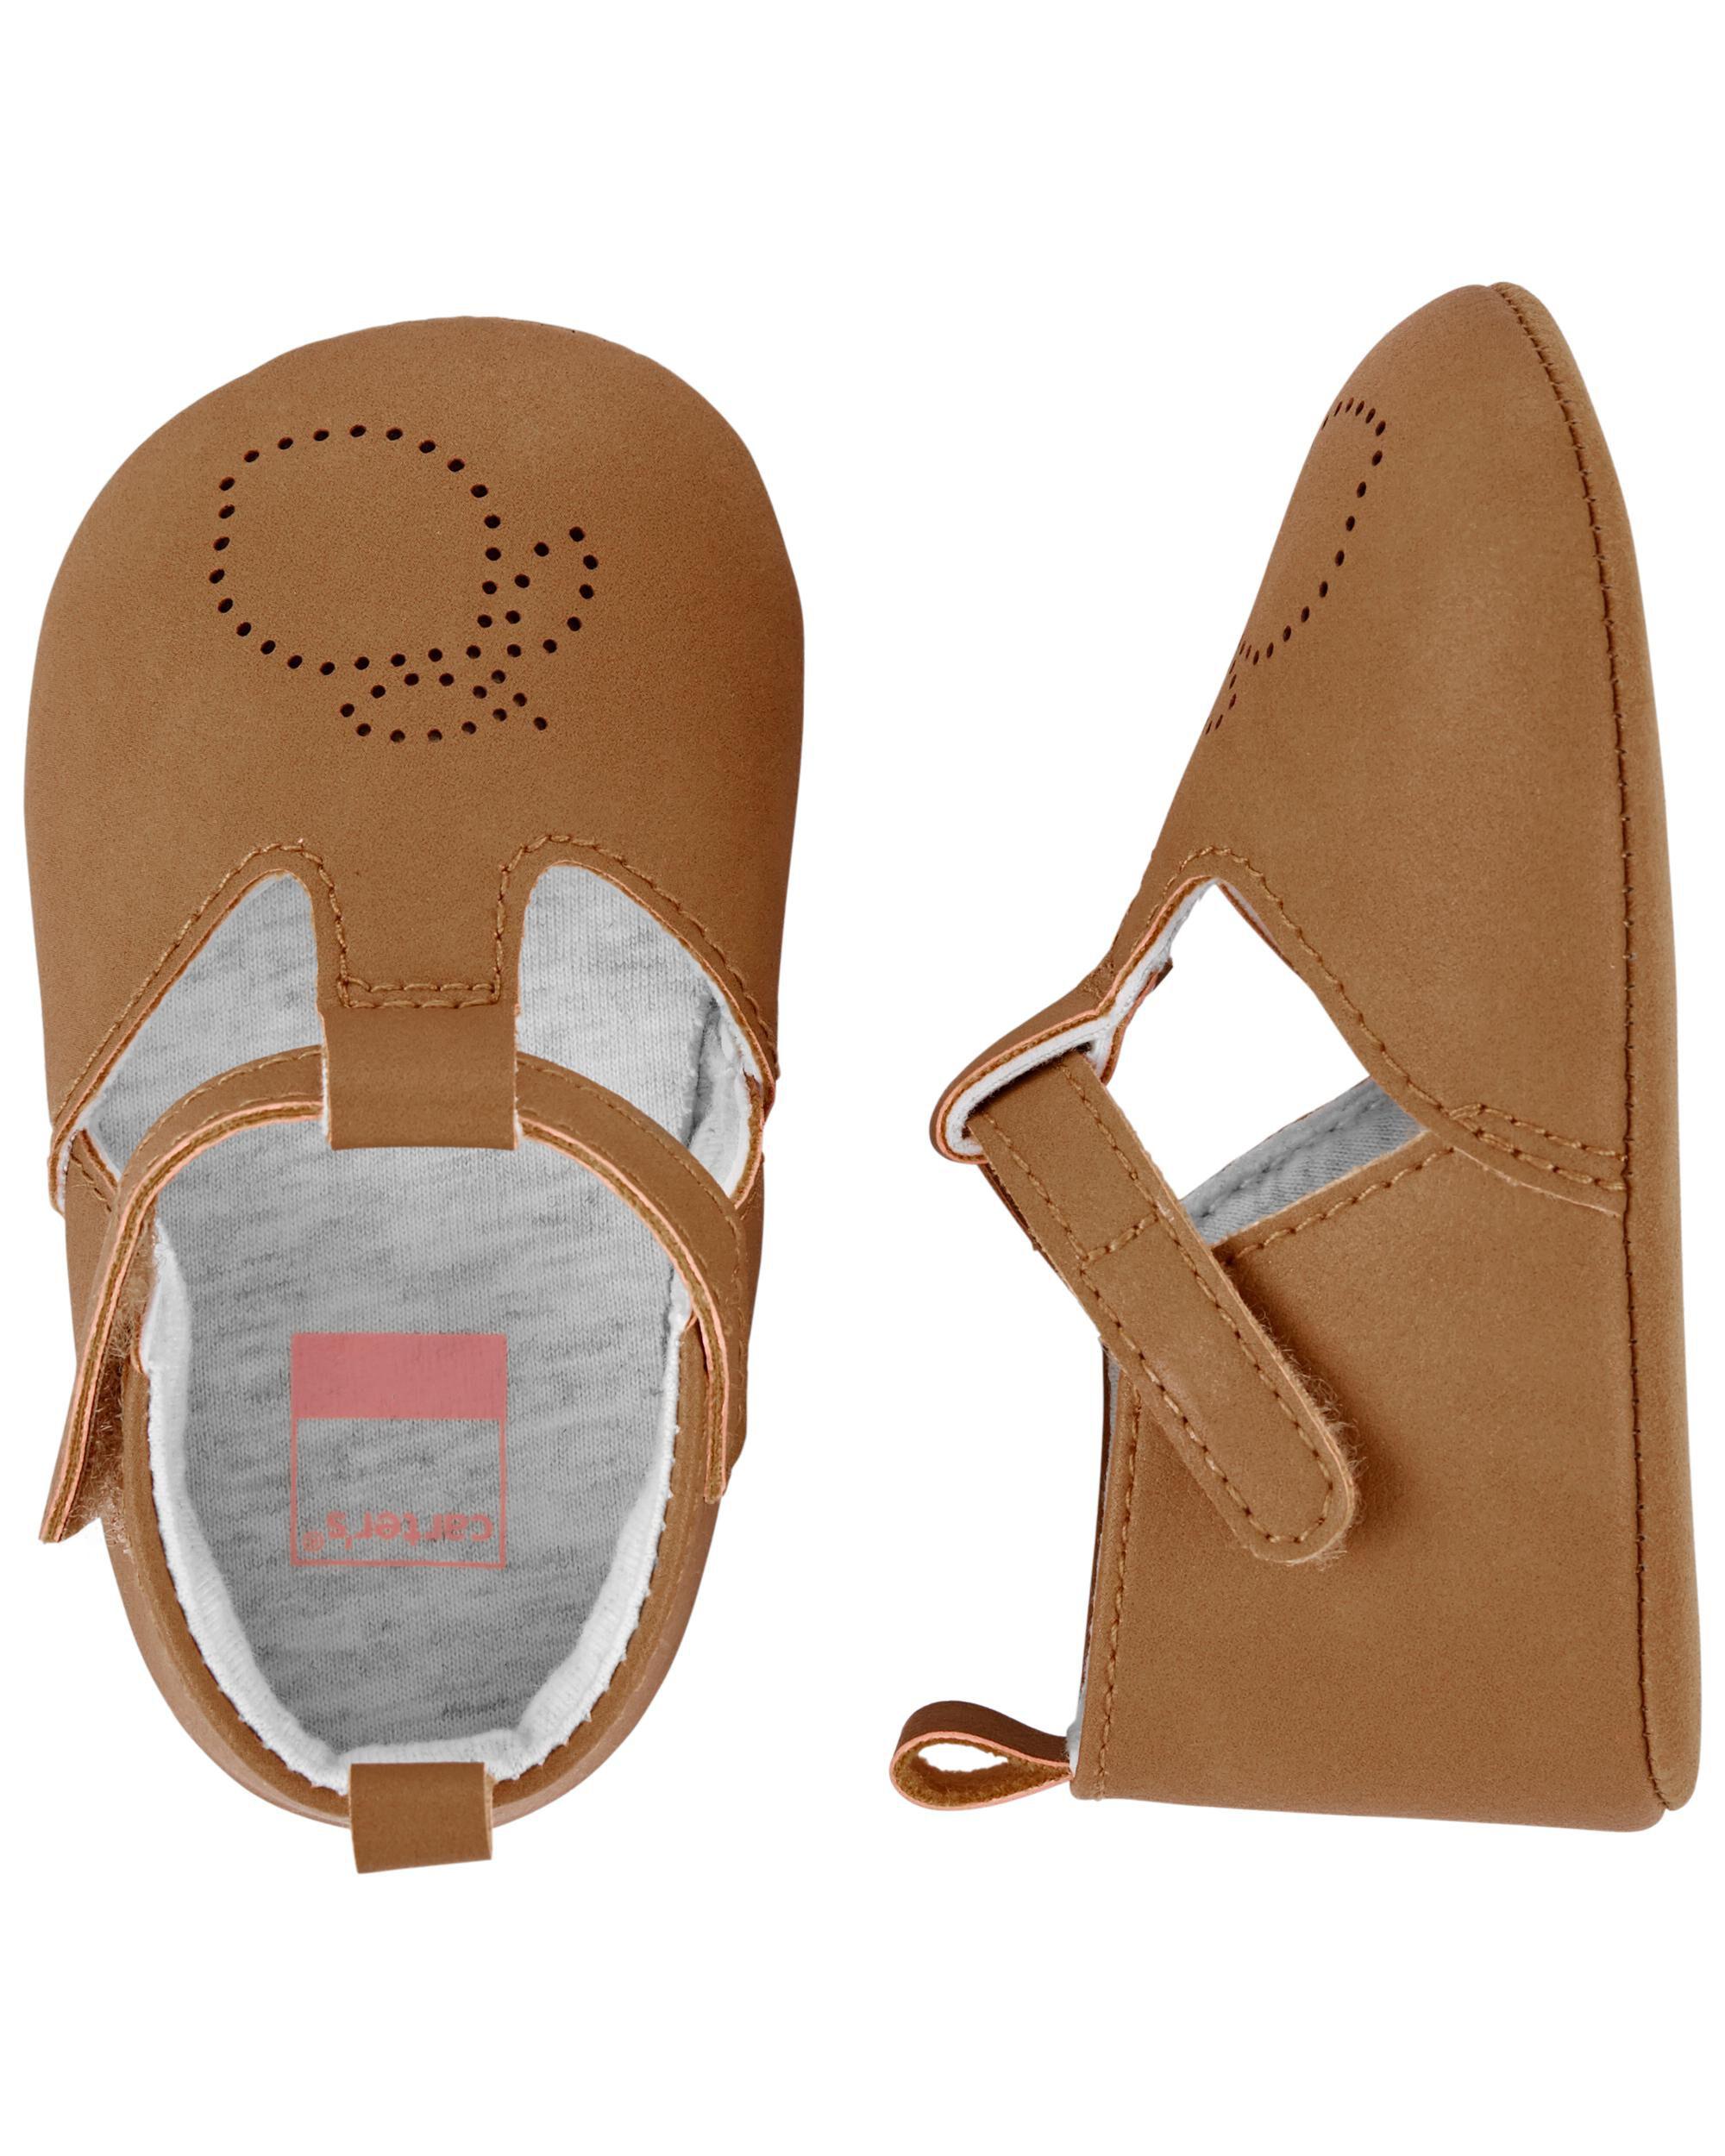 Oshkoshbgosh Carters Mary Jane Baby Shoes